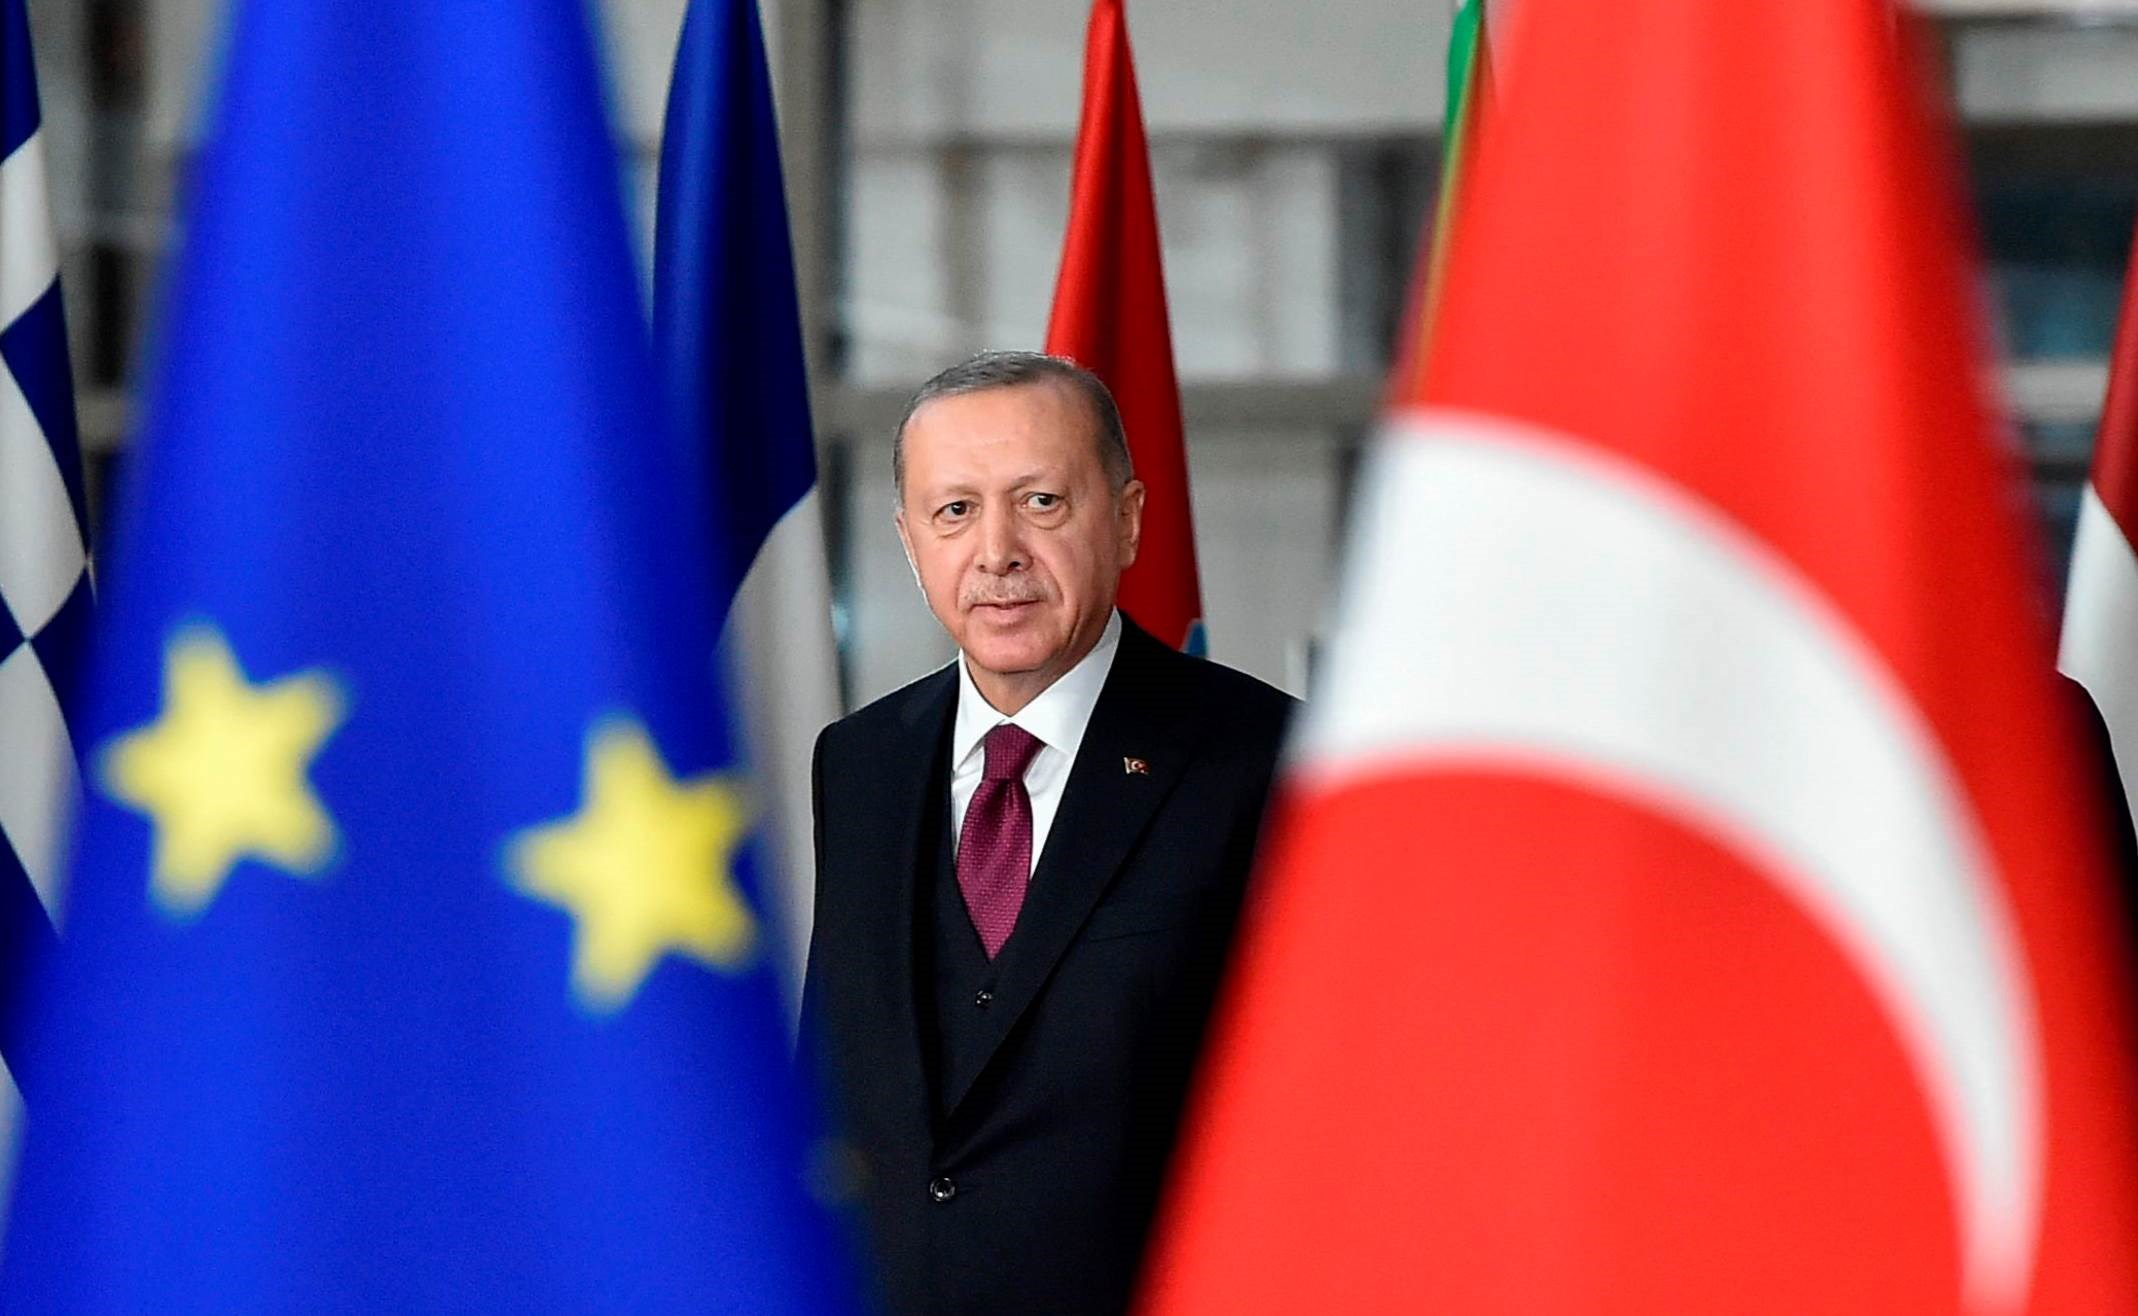 هل يدرك صانع السياسة الخارجية التركية أبعاد قراراته؟